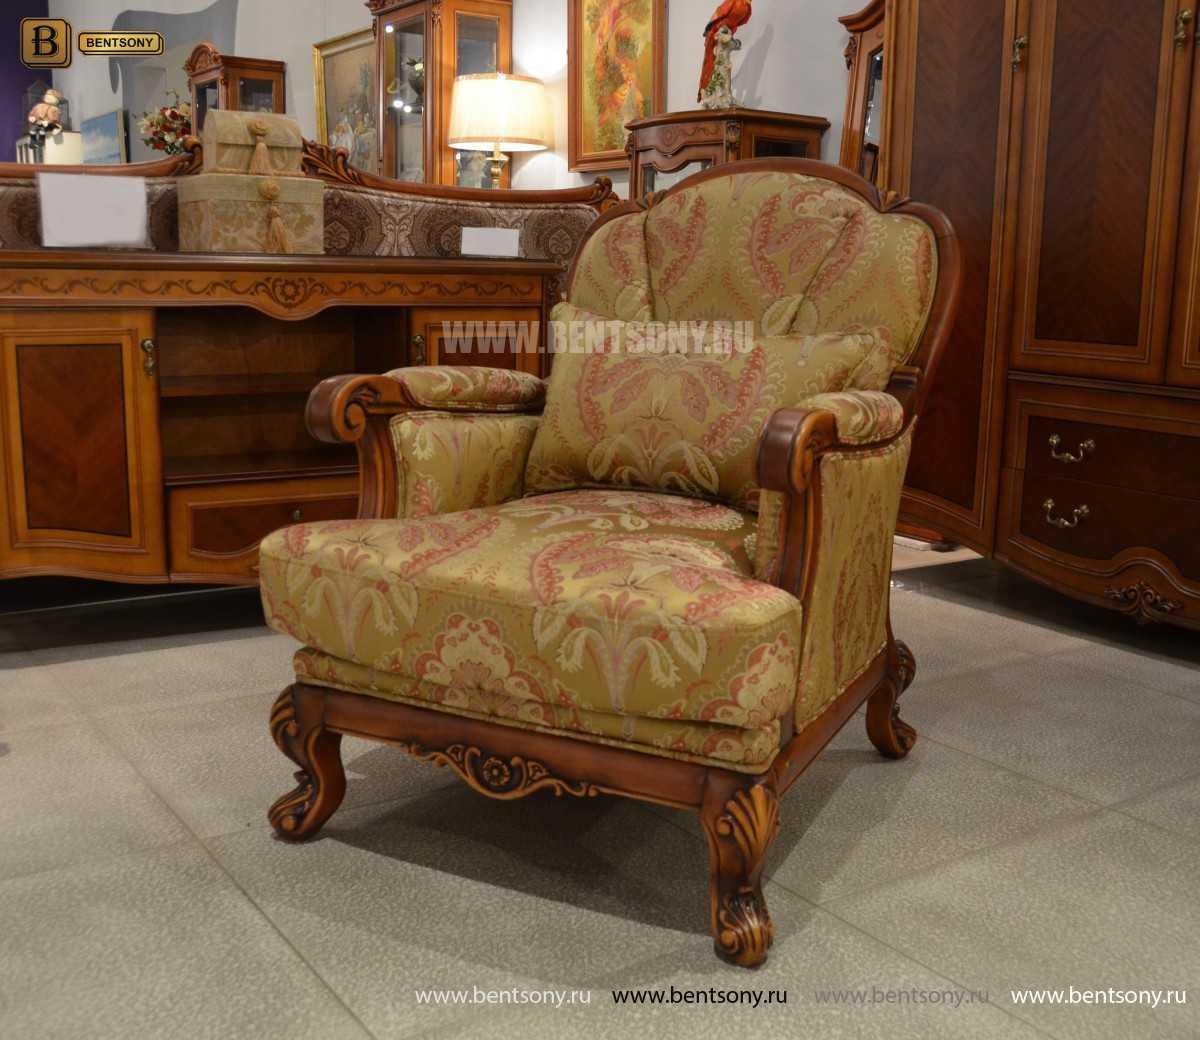 Кресло для отдыха Флетчер (Классика, Ткань) изображение